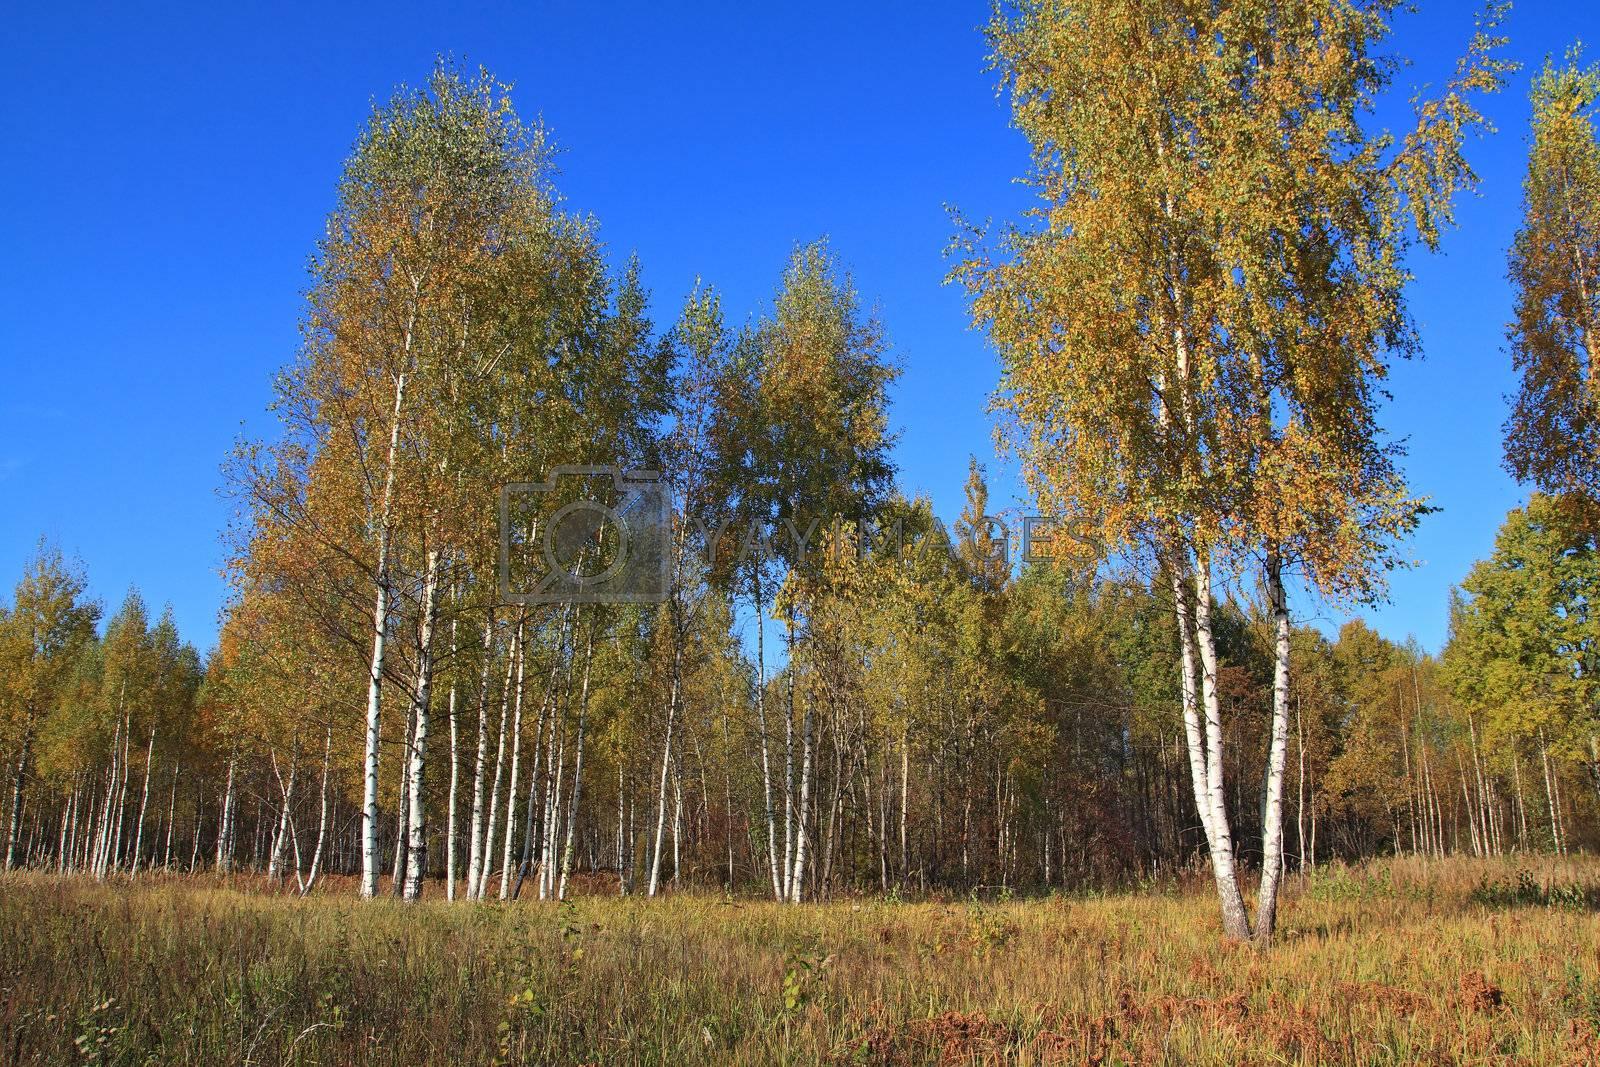 autumn birch wood on blue background